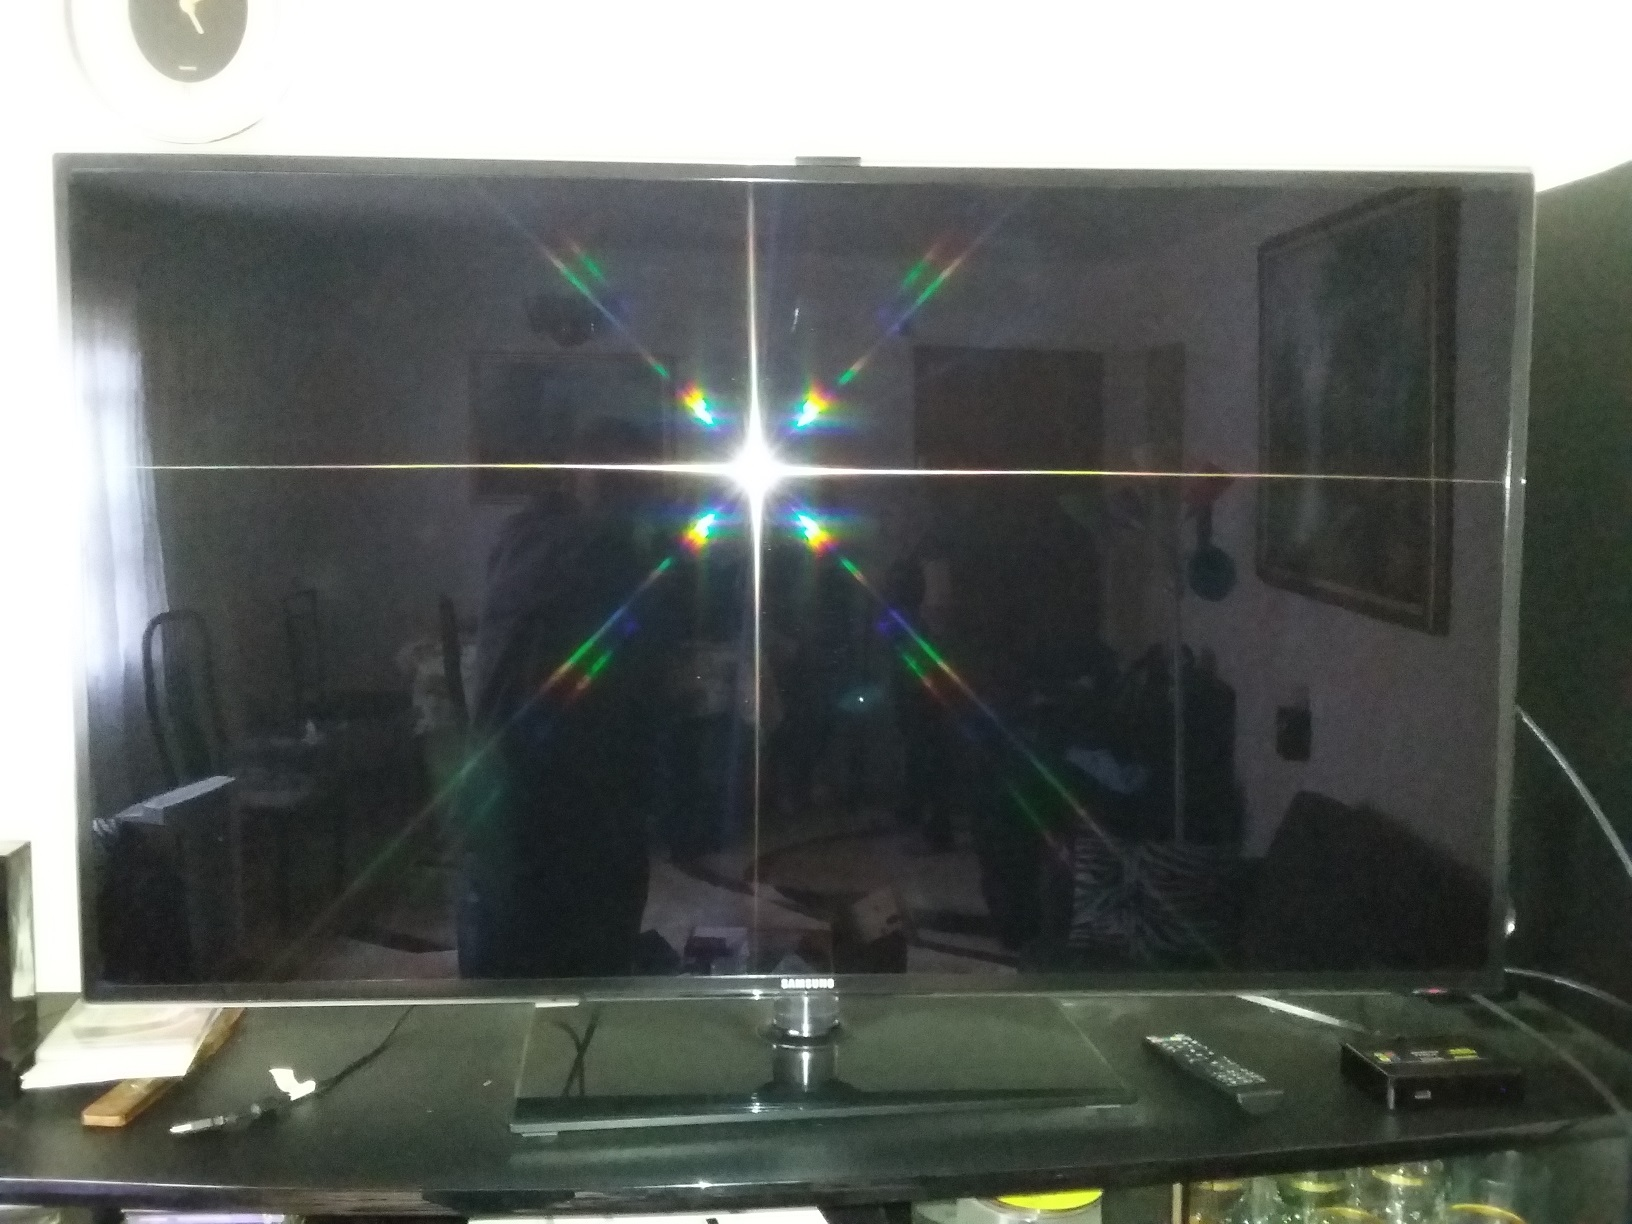 Ogłoszenie darmowe. Lokalizacja:  Perth Amboy. KUPIĘ / SPRZEDAM - Elektronika. Sprzedam telewizor LCD 3D Smart.